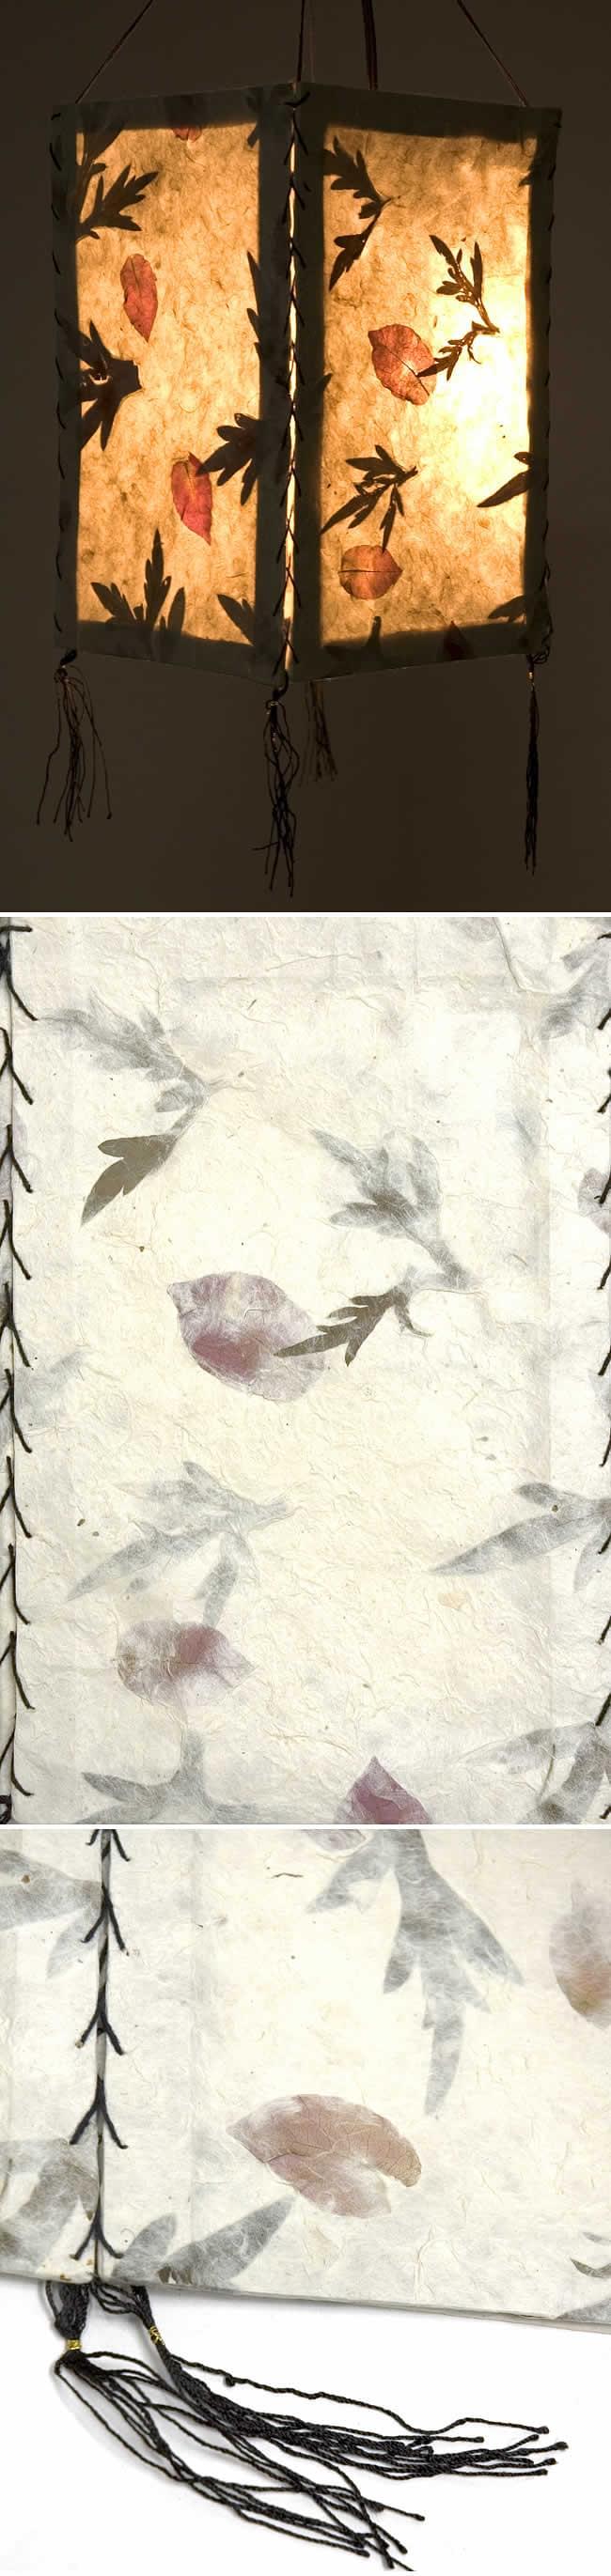 ロクタ紙葉柄ランプシェード(4面タイプ)の写真1